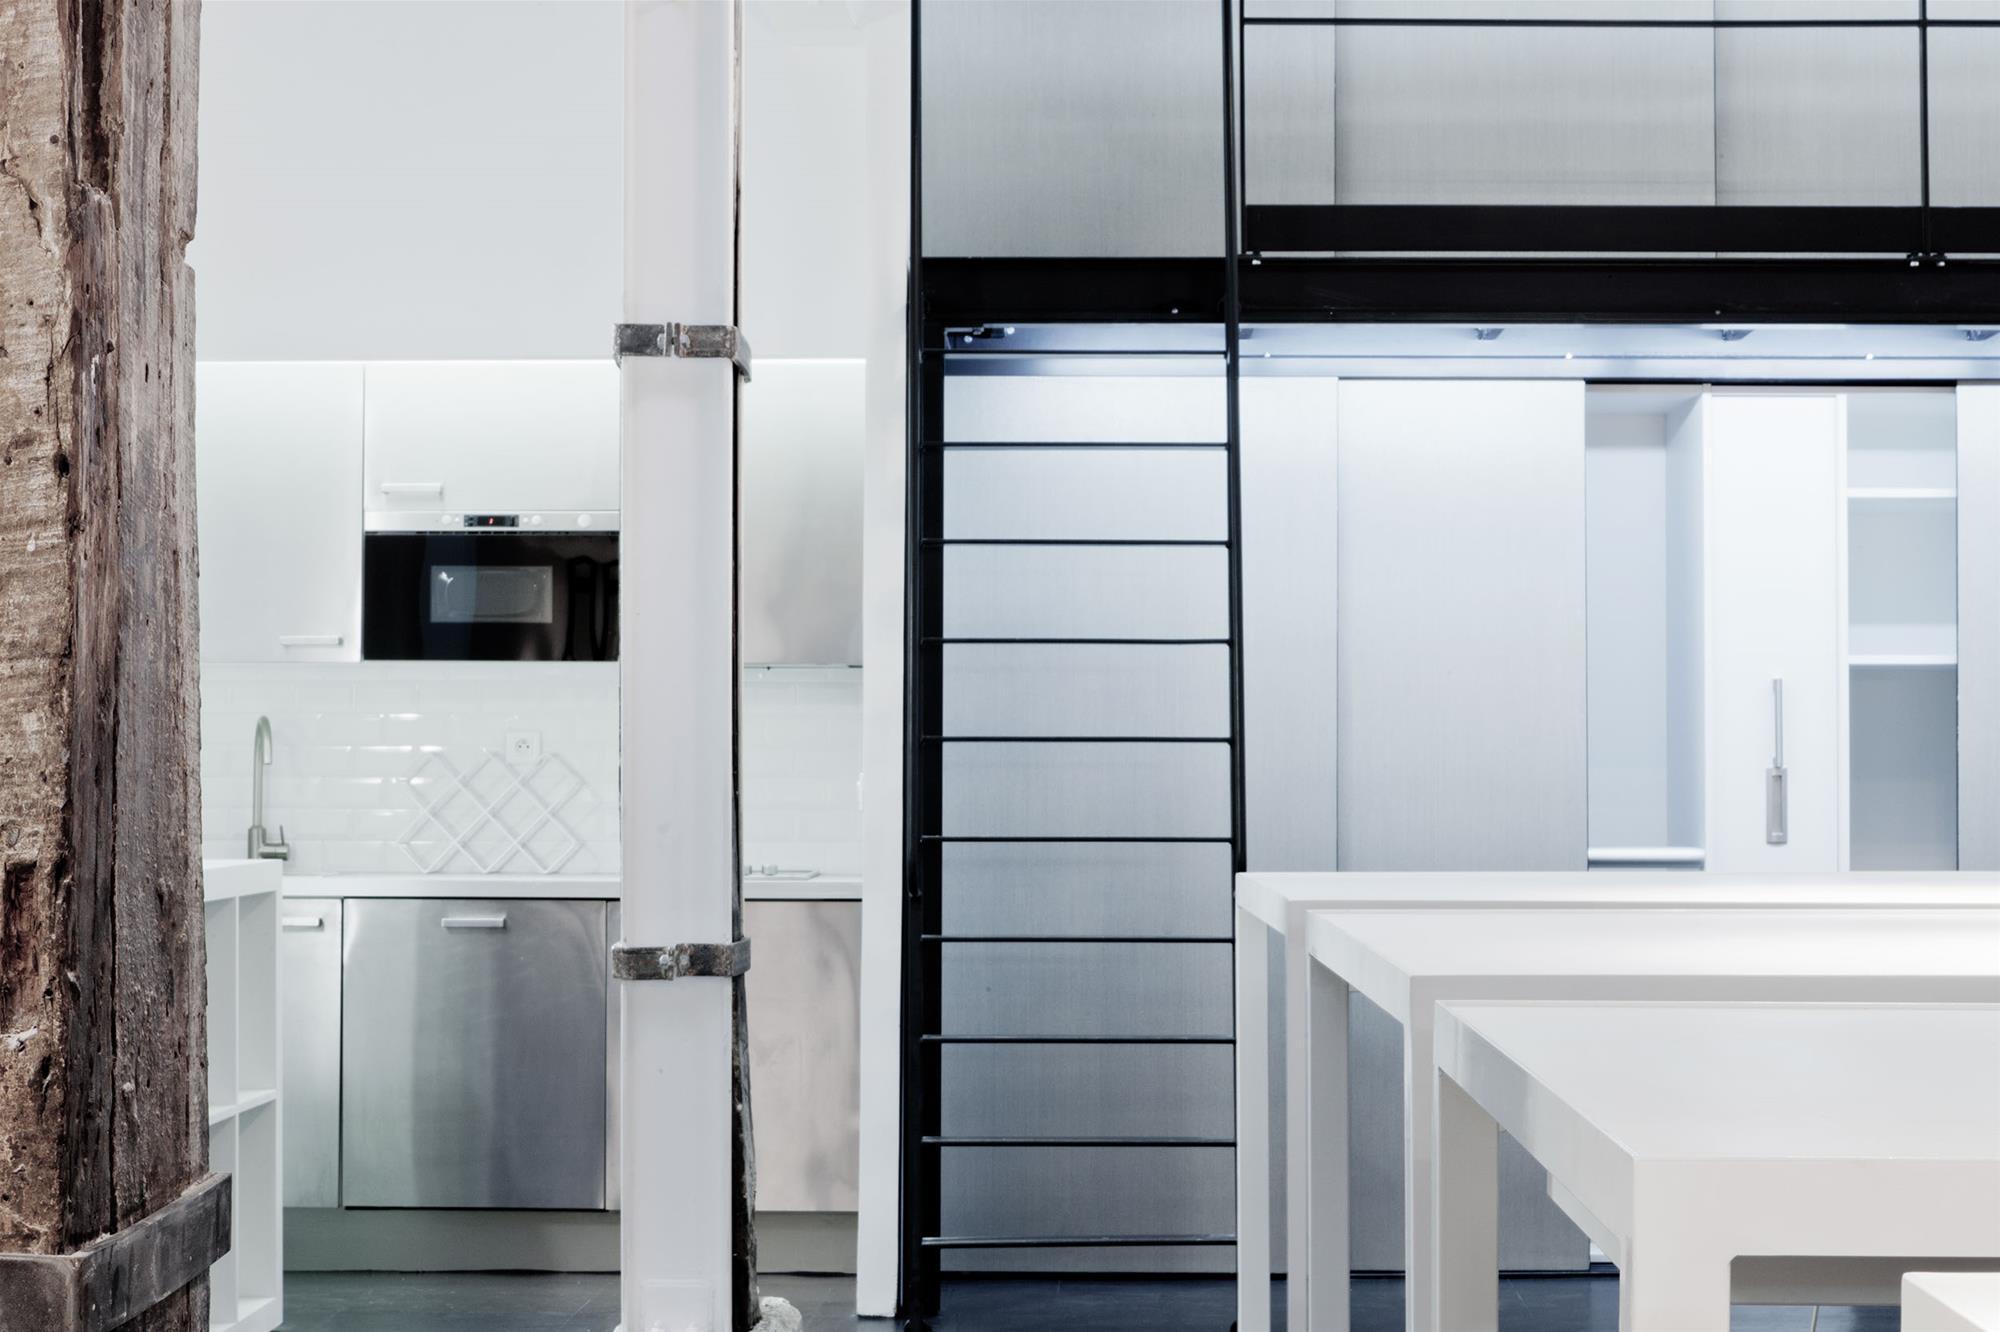 atelier_stefan_lubrina_interior_mezzanine_escaliers.jpg